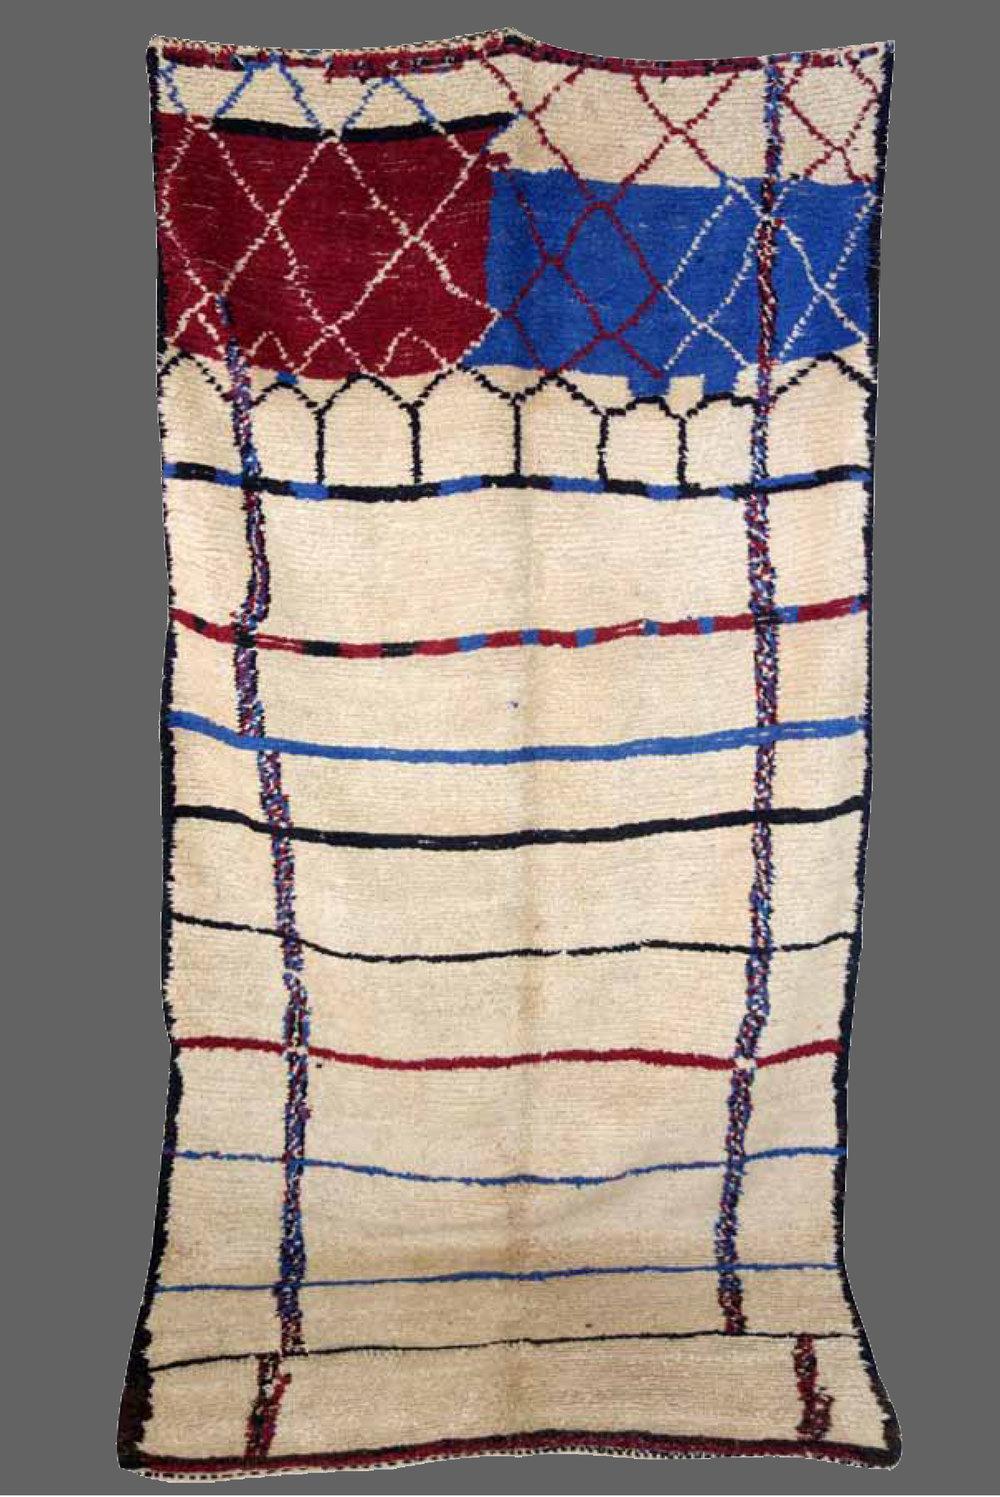 Ethnie : Azilal  Origine : Maroc  Année : 1970  Dimensions : 3,12 x 1,50  Technique : Laine rasse, fait main, noeuds simples  Description : Exceptionnel design, un vrai  Mondrian, rare et unique. Pièce de collection  Référence : AZL 008  Prix : 2600€